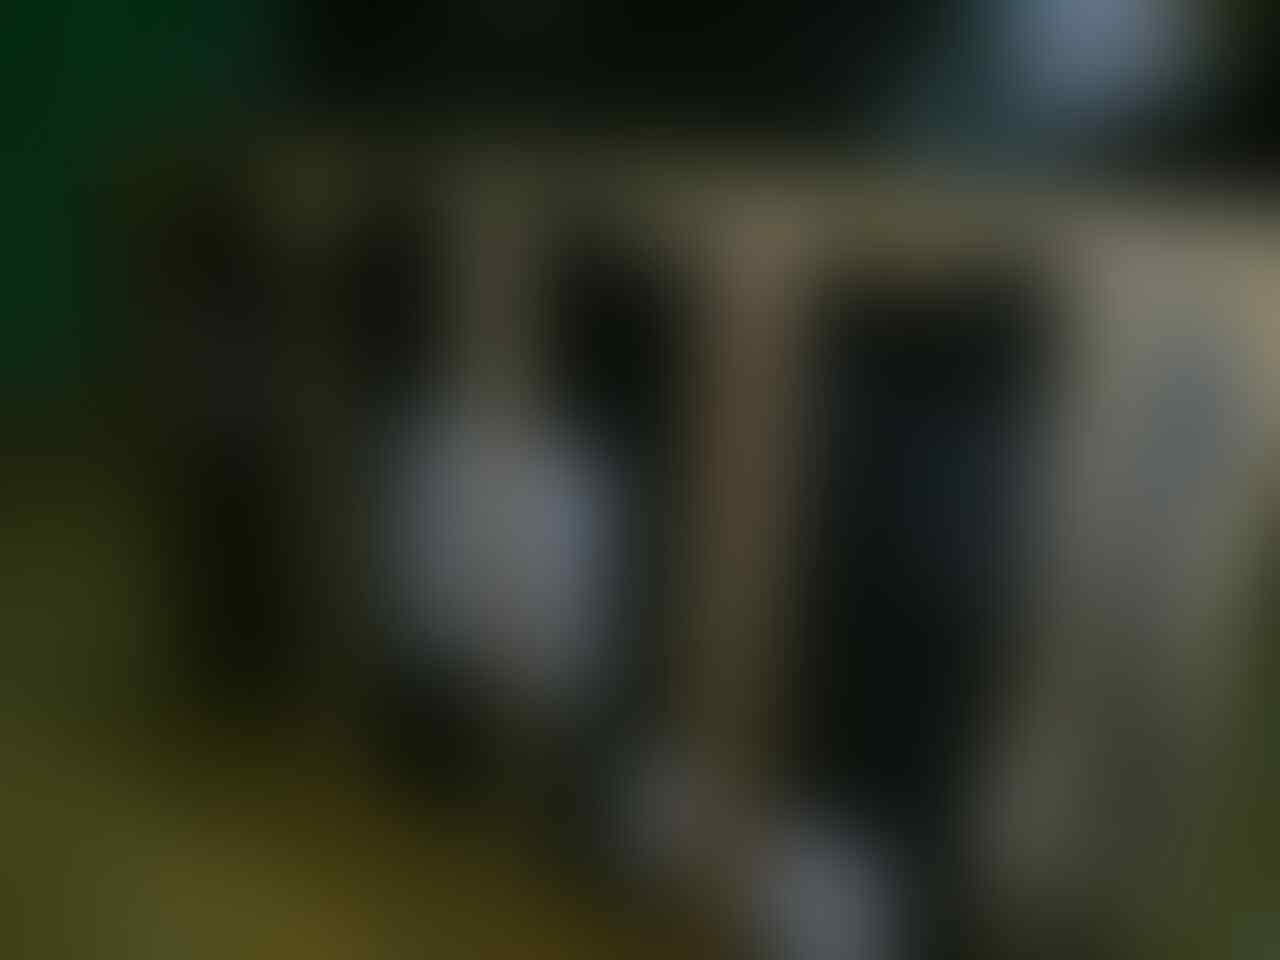 Polo Lacoste Block Pique,Tiiped Polo Shirt,Counter Genuine Original 100%,BNWT